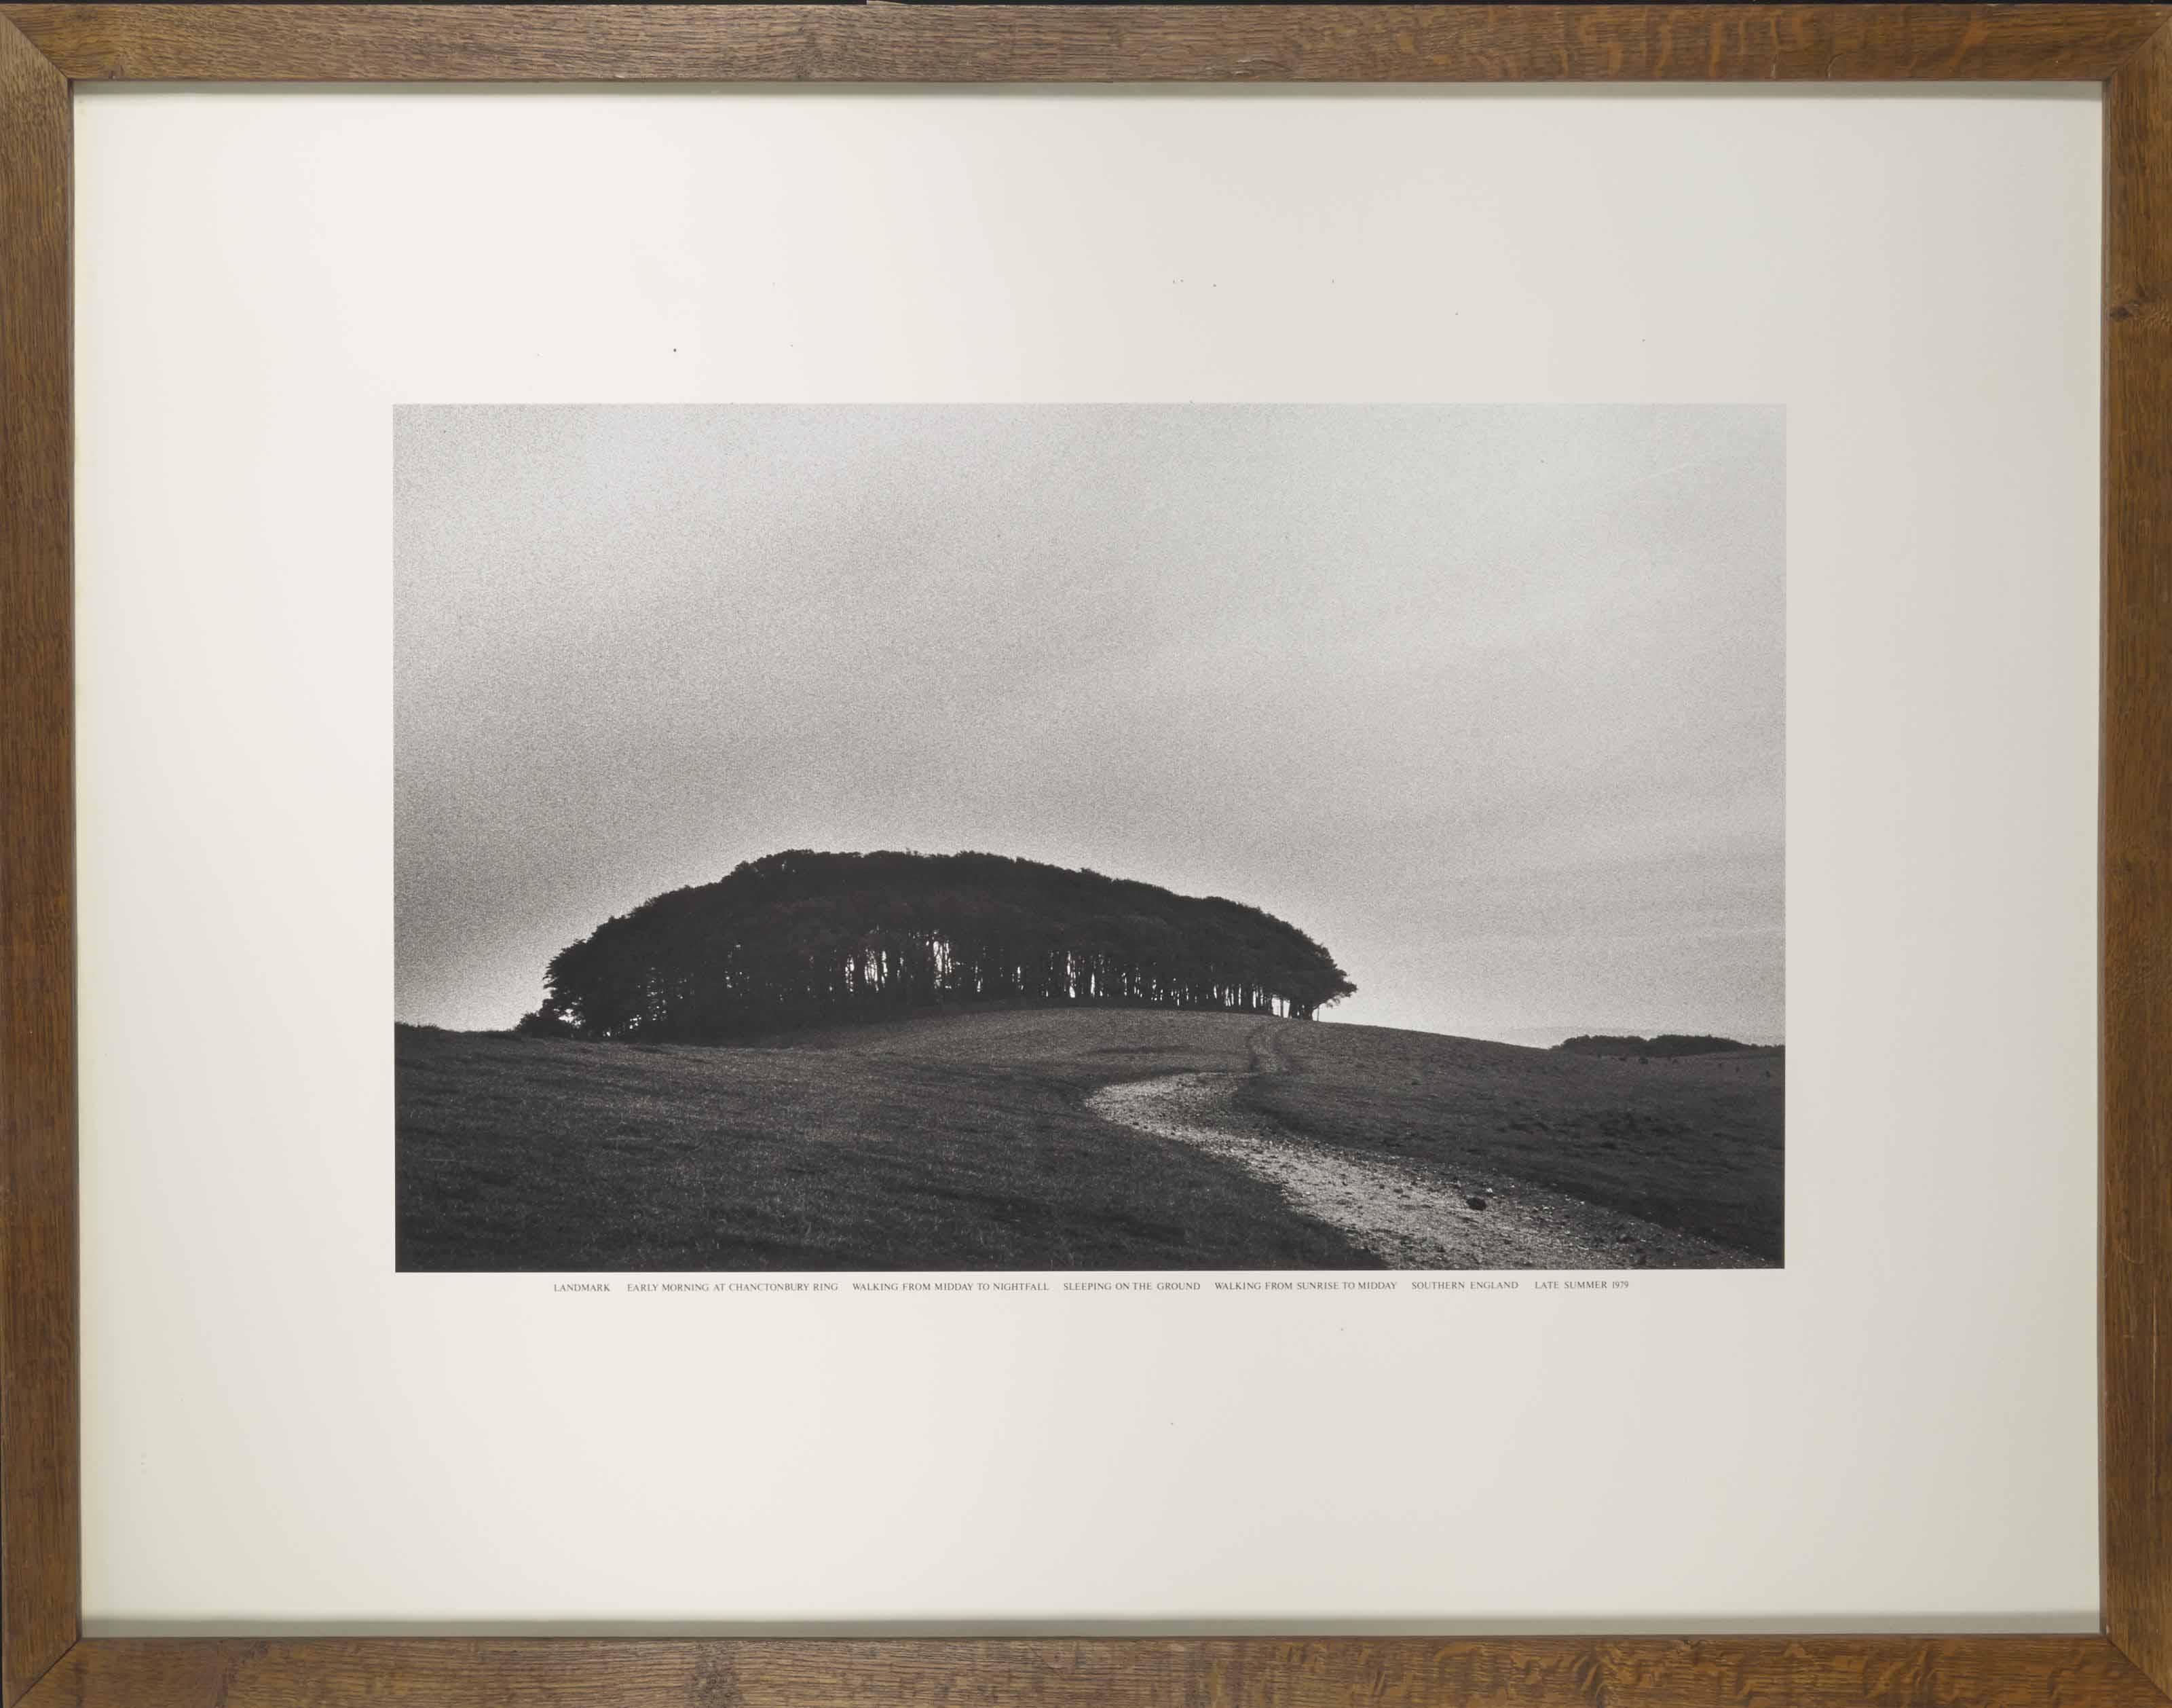 Sussex Landmark, 1979